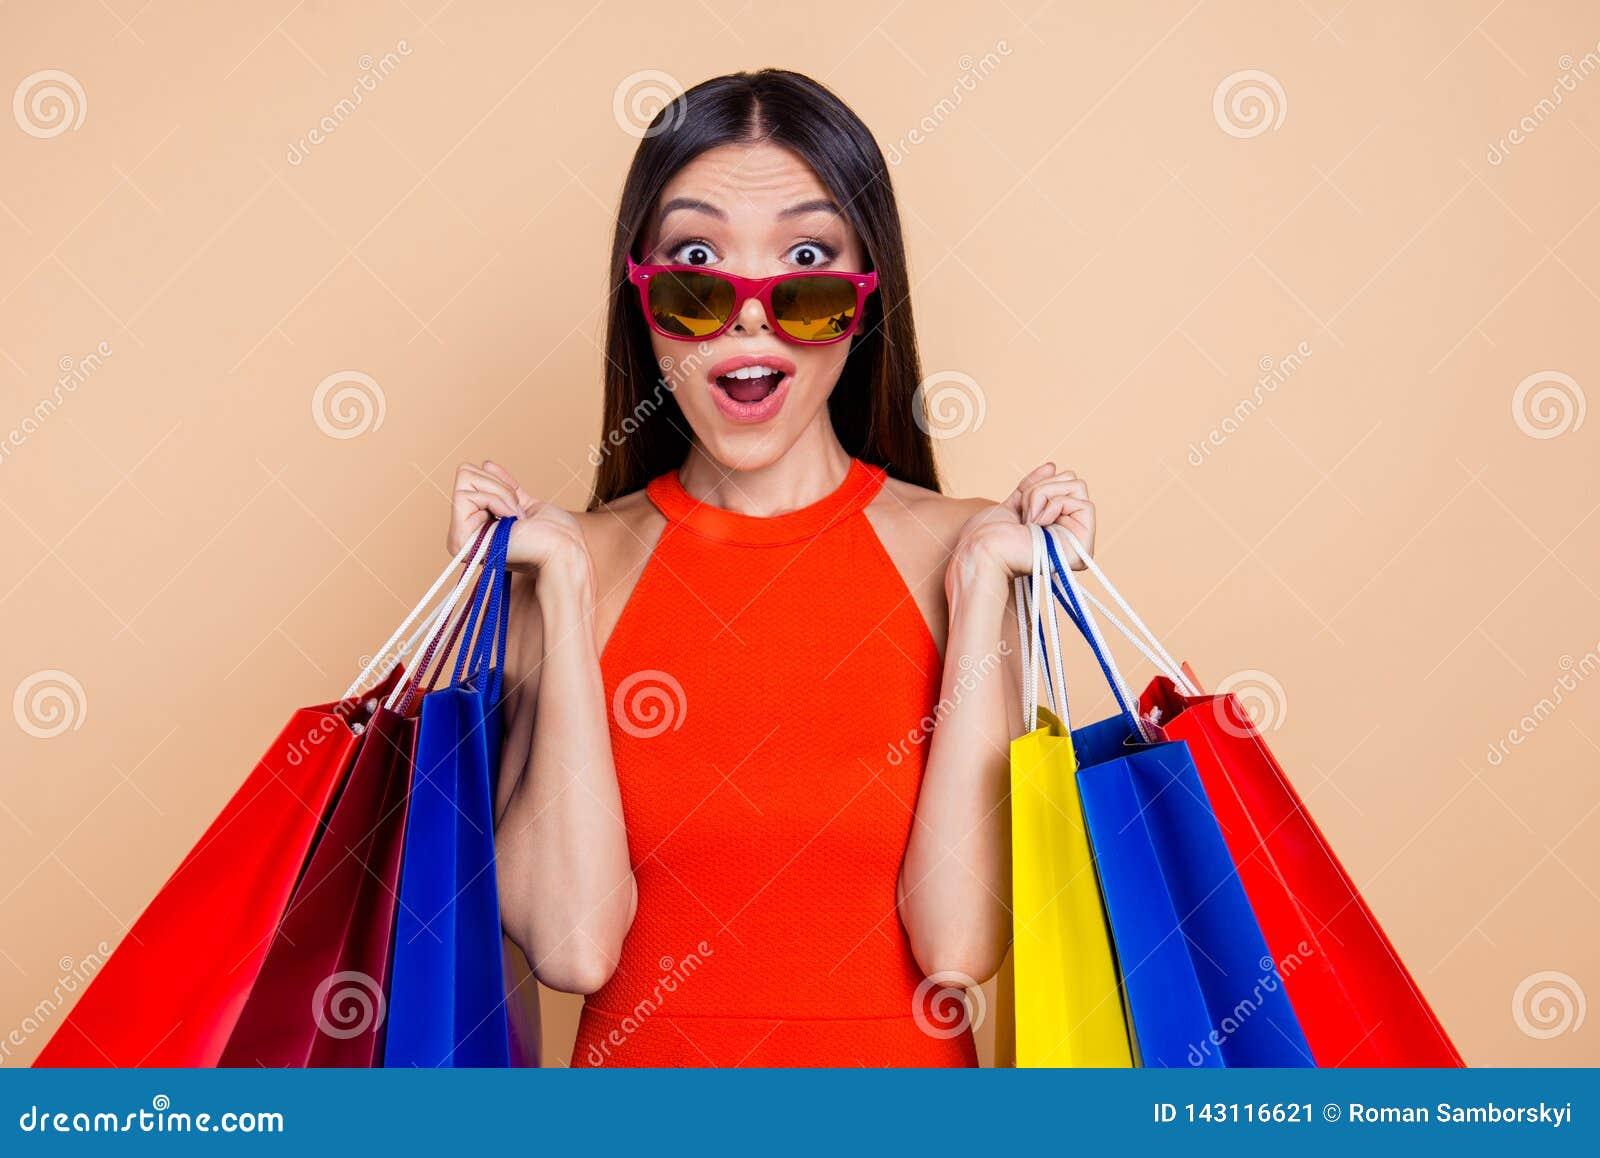 Día del cliente ella su gente roja c de la persona del ocio de la forma de vida del vestido